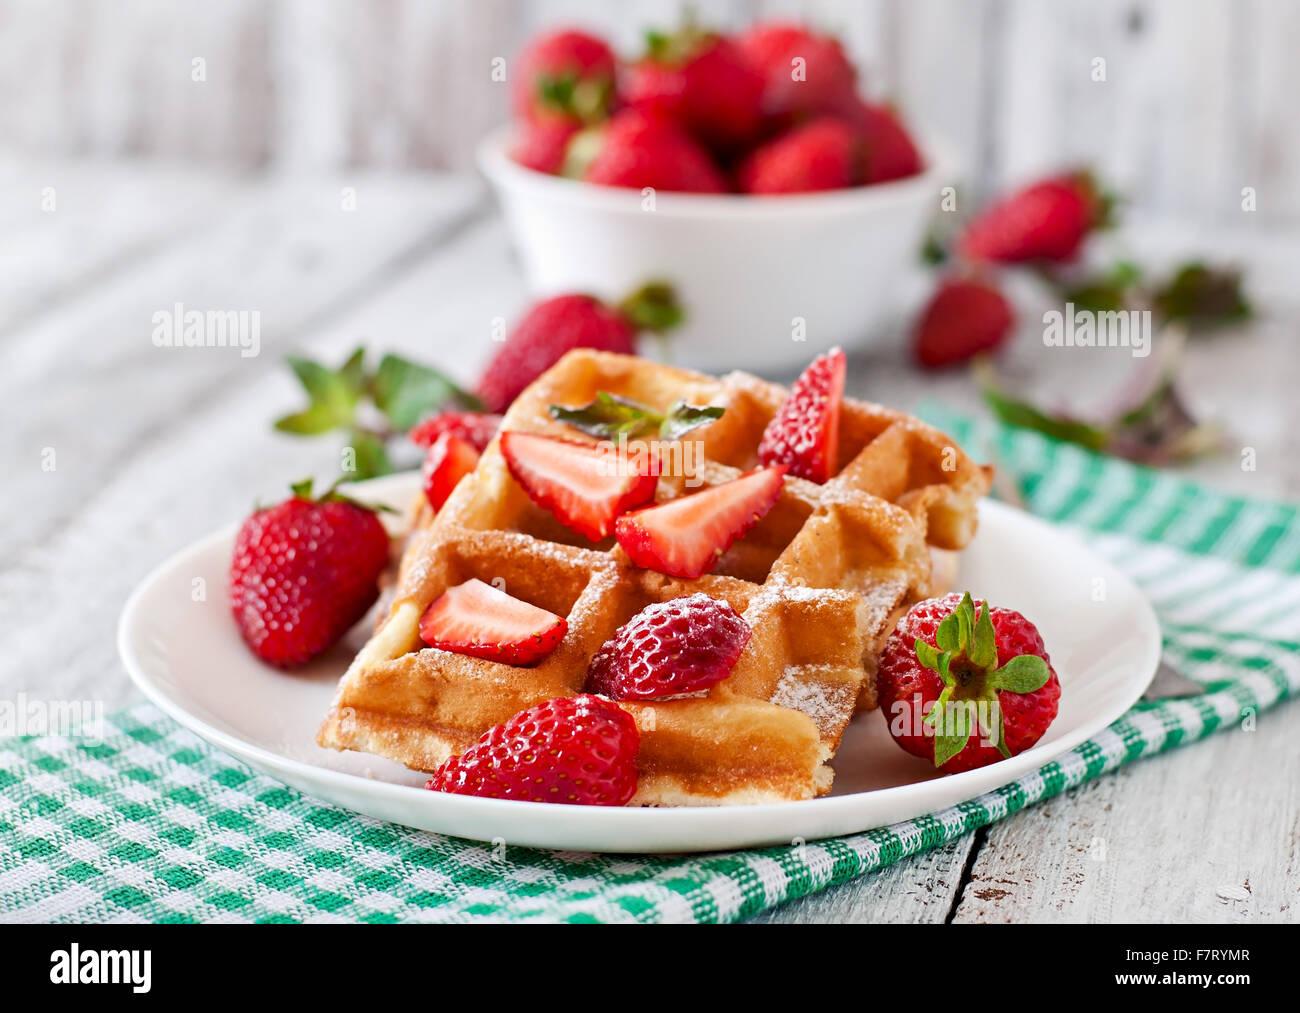 Belgien-Waffeln mit Erdbeeren und Minze auf weißen Teller Stockbild